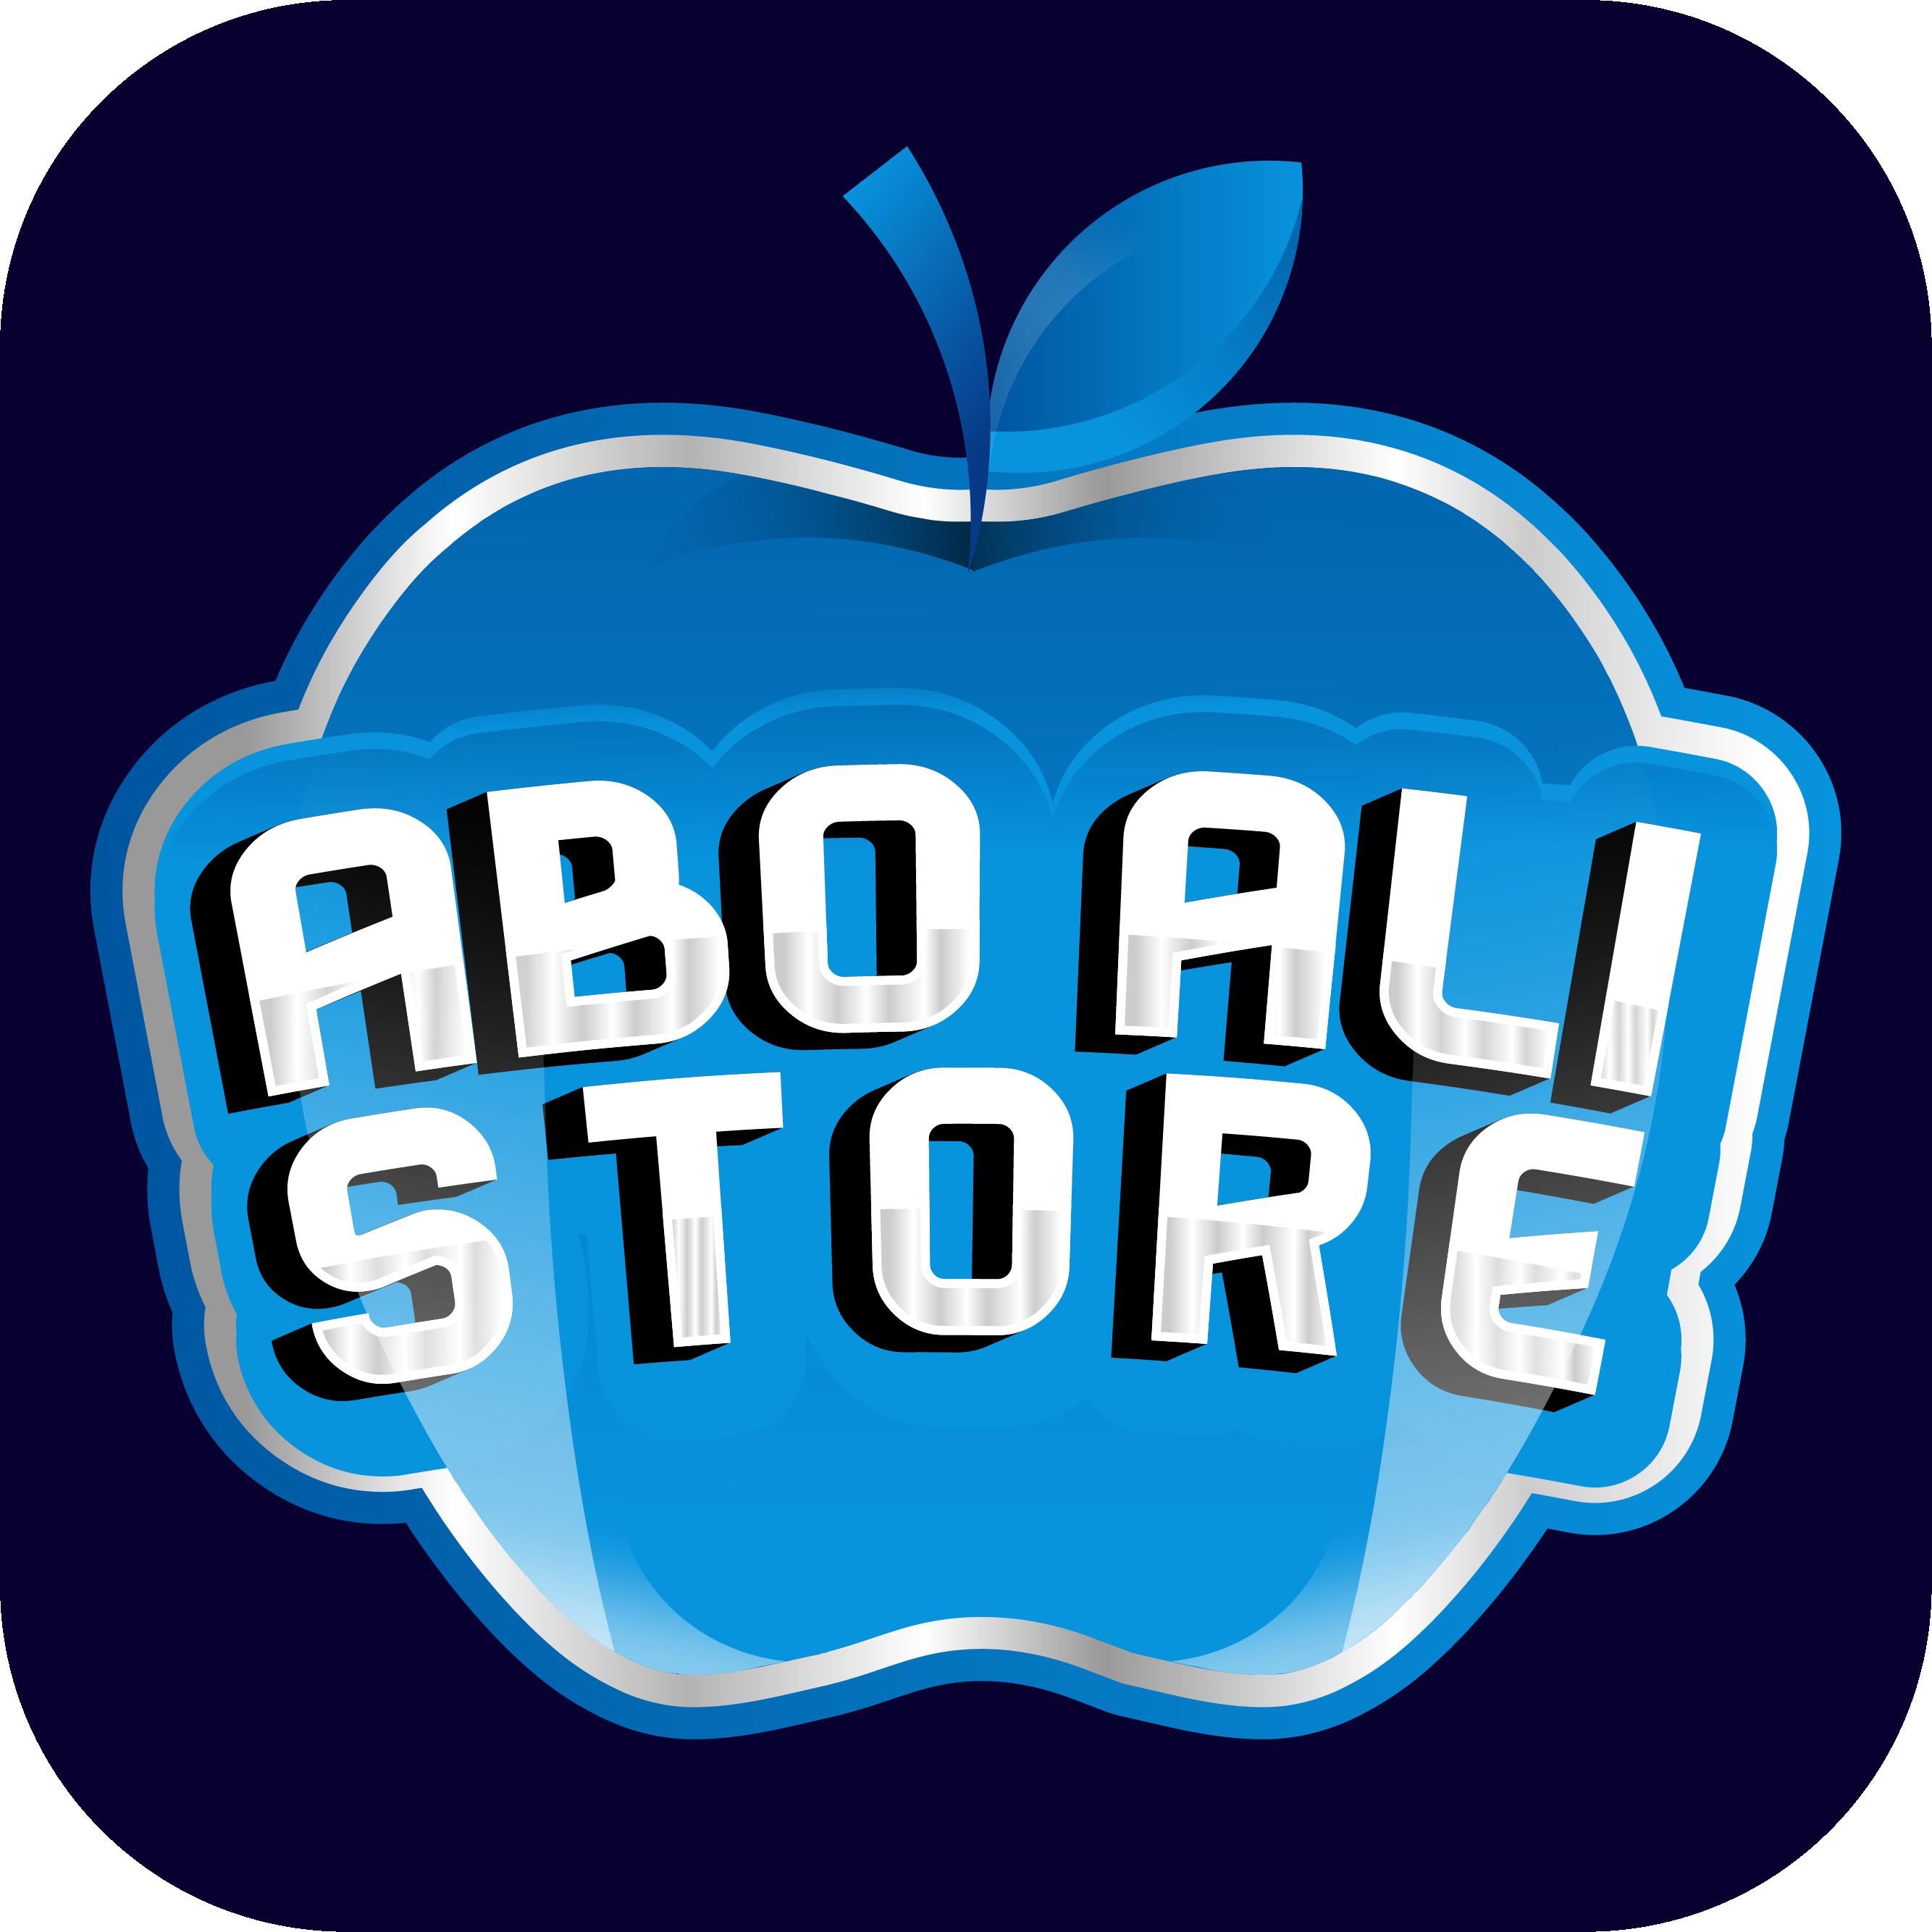 AboAliStore